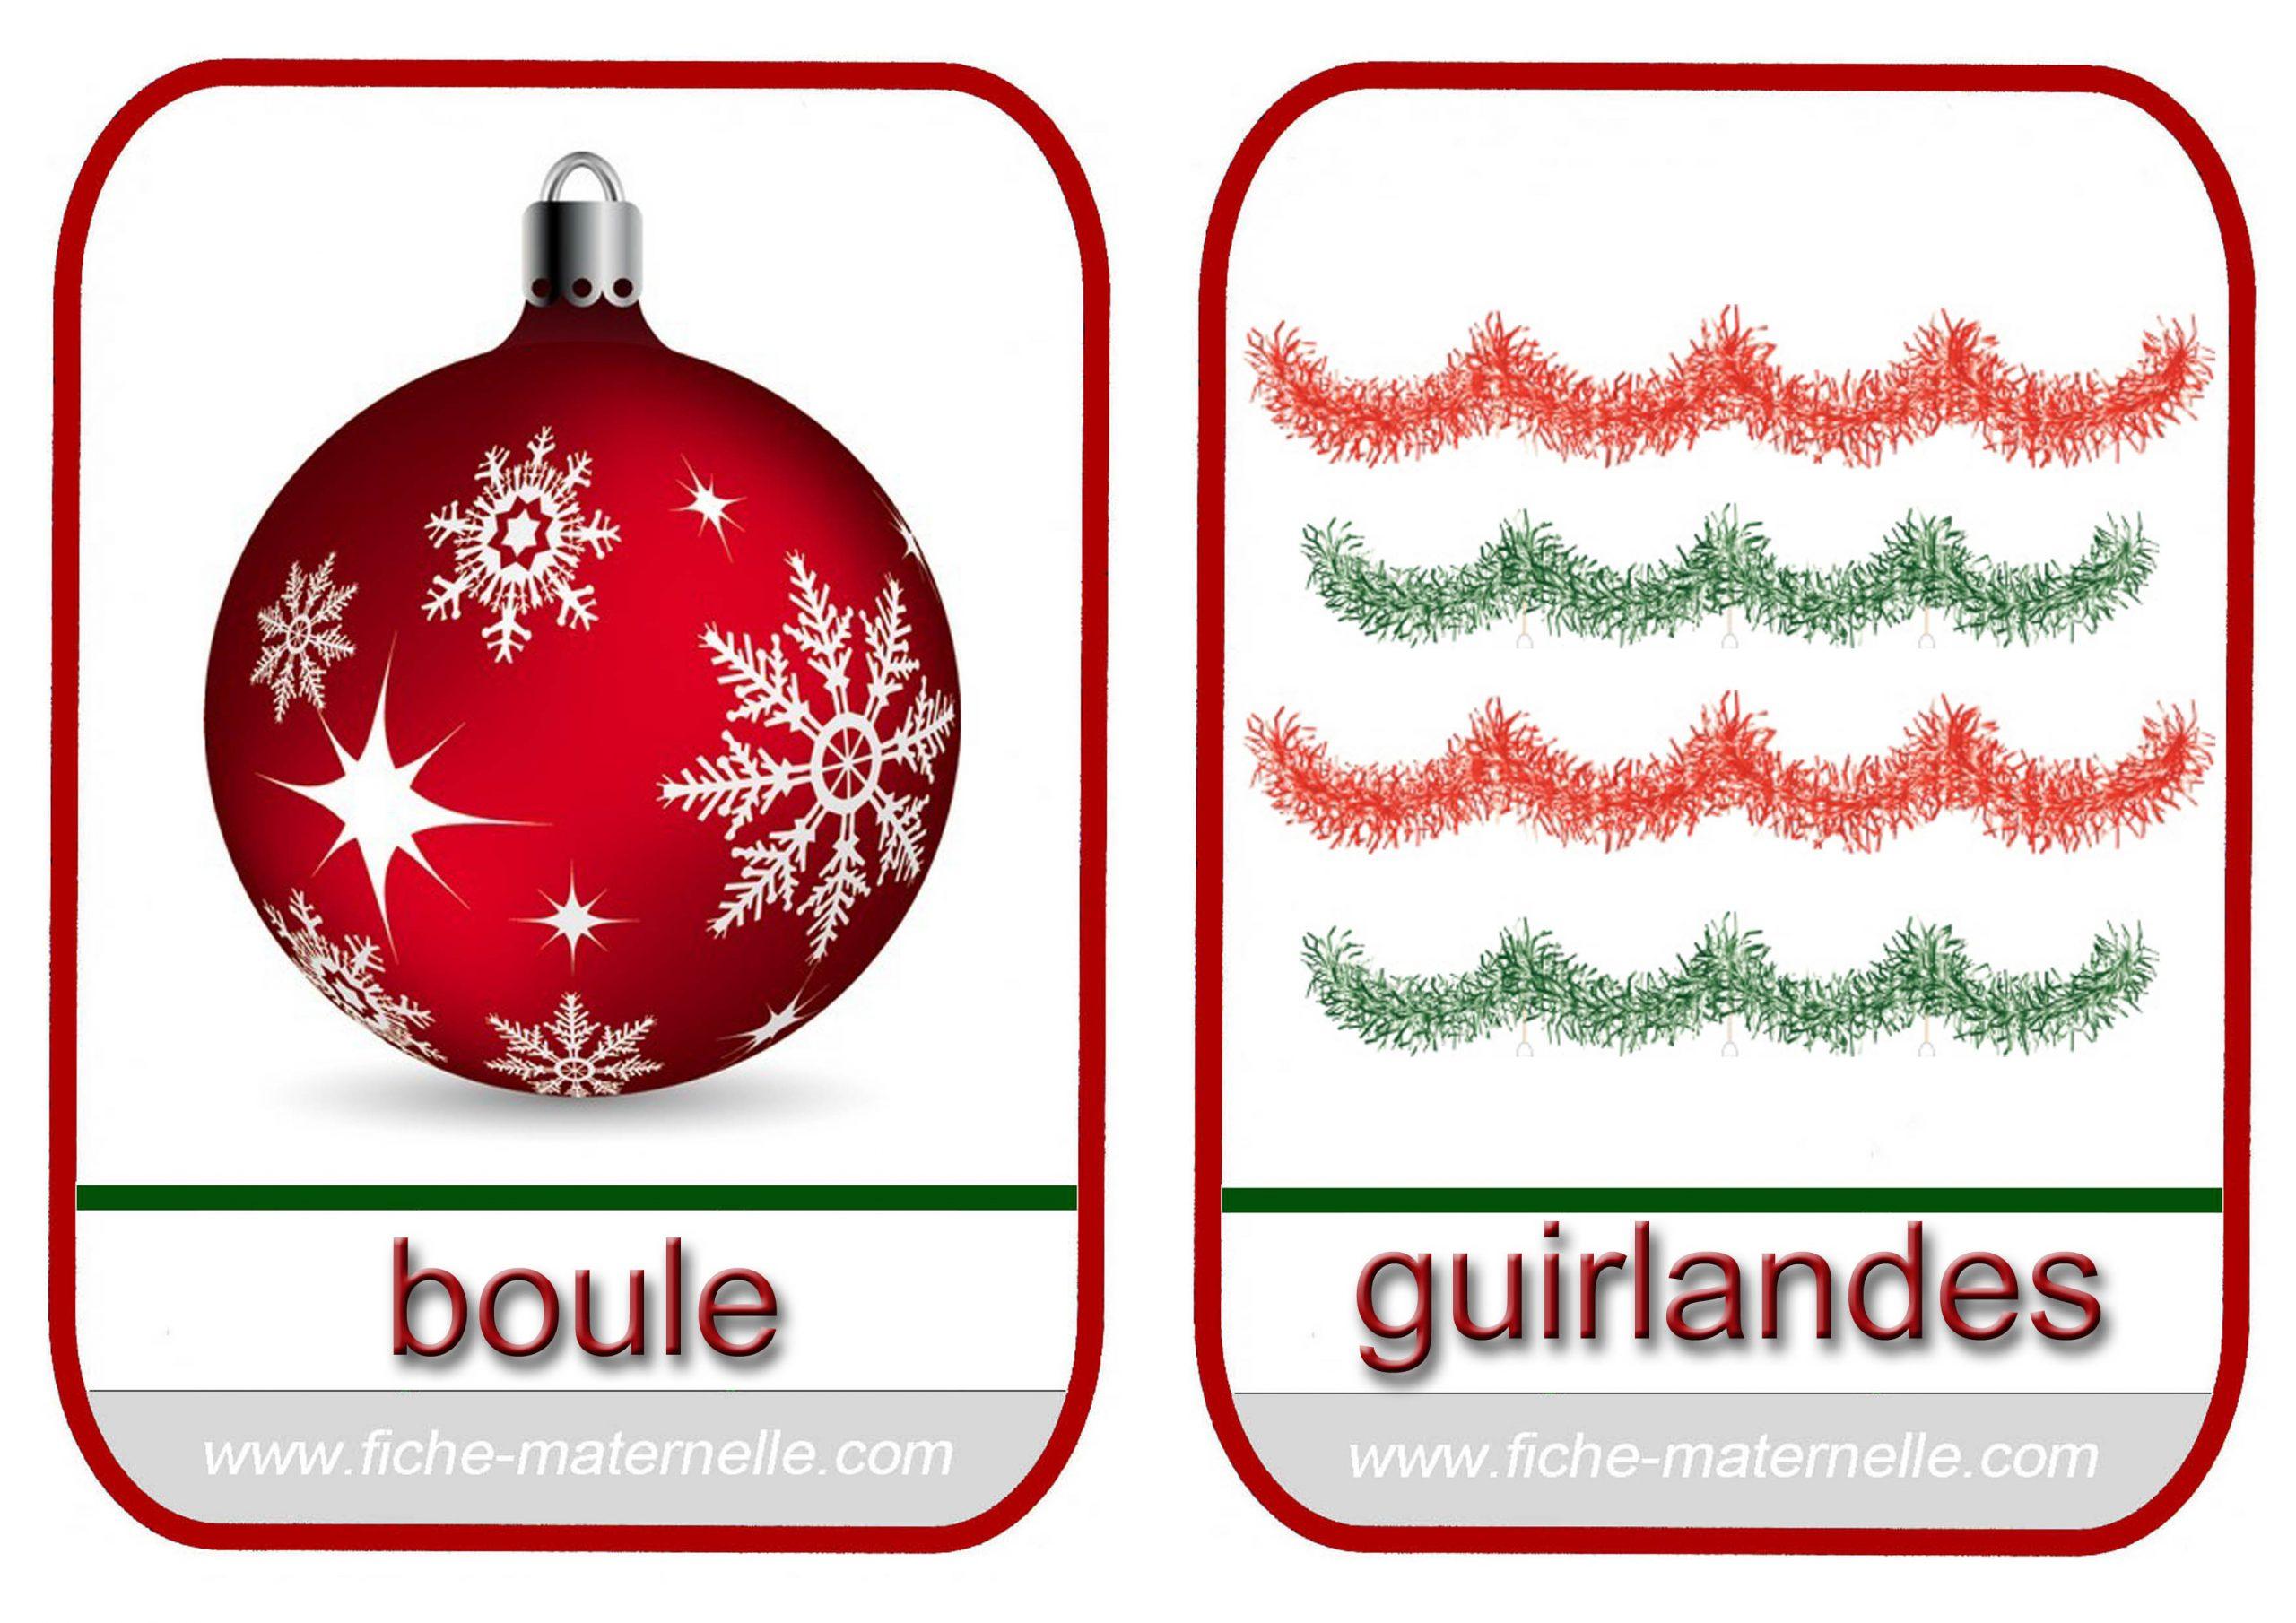 Noël En Maternelle concernant Imagier Noel Maternelle